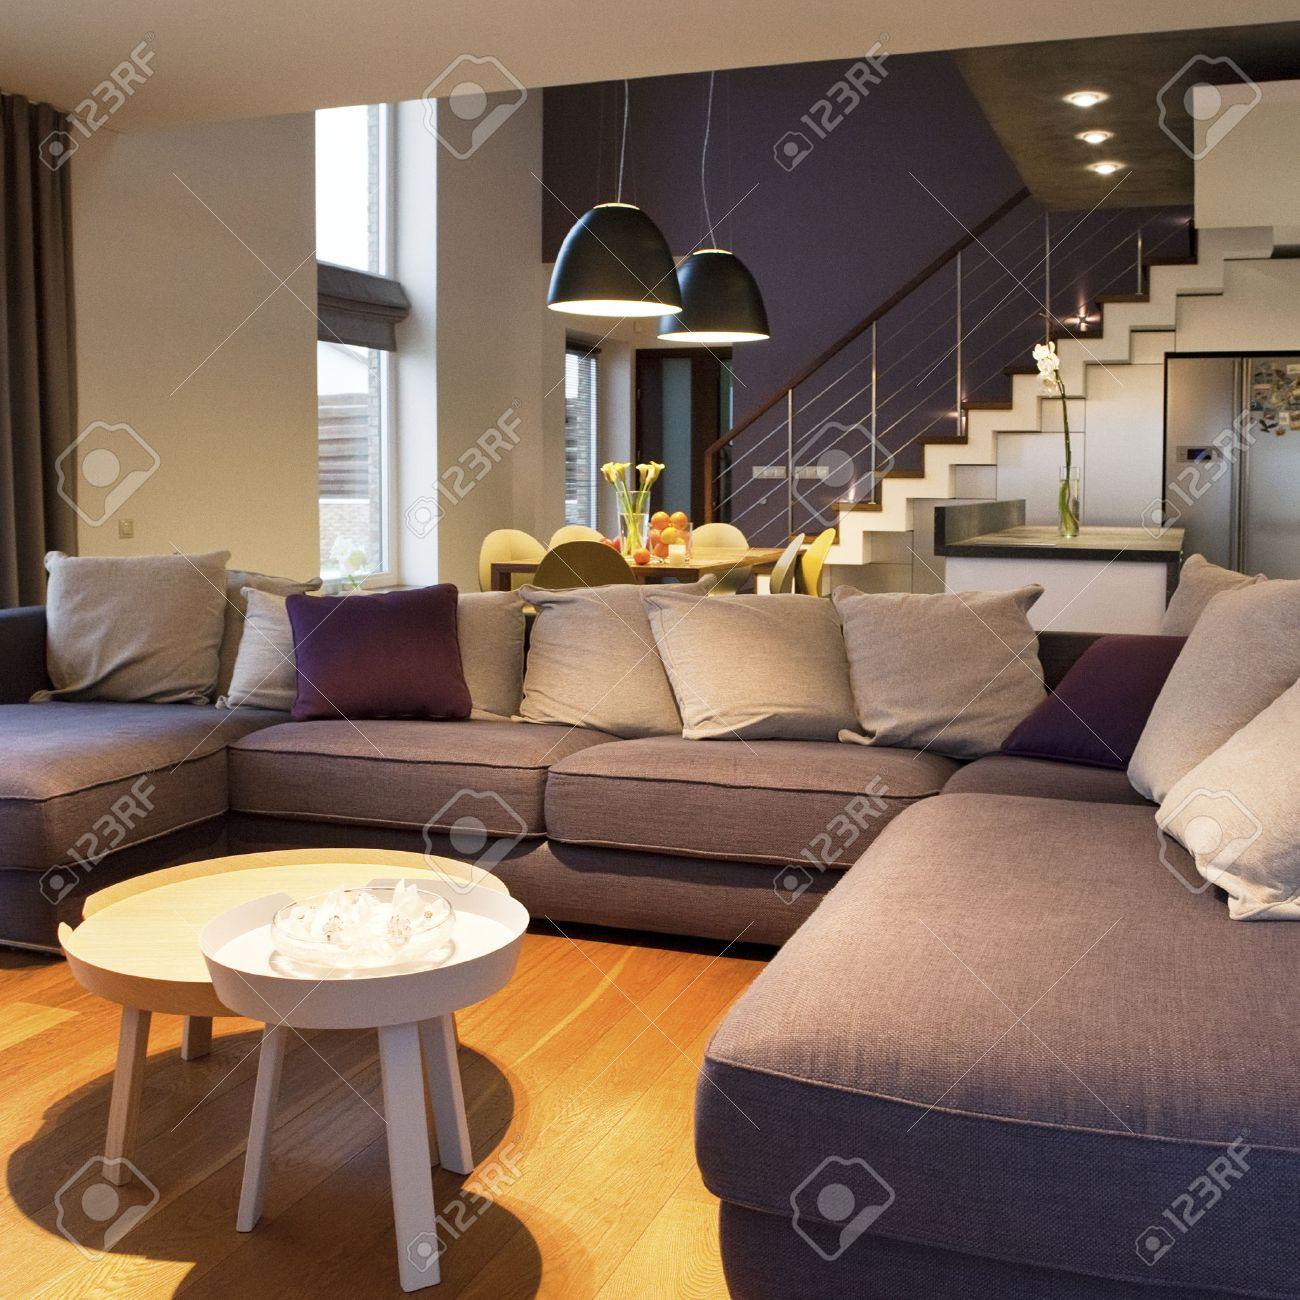 GroBartig Interior Design   Gemütliche Wohnzimmer Im Vordergrund Und Eine Küche Mit  Esstisch Im Hintergrund Standard